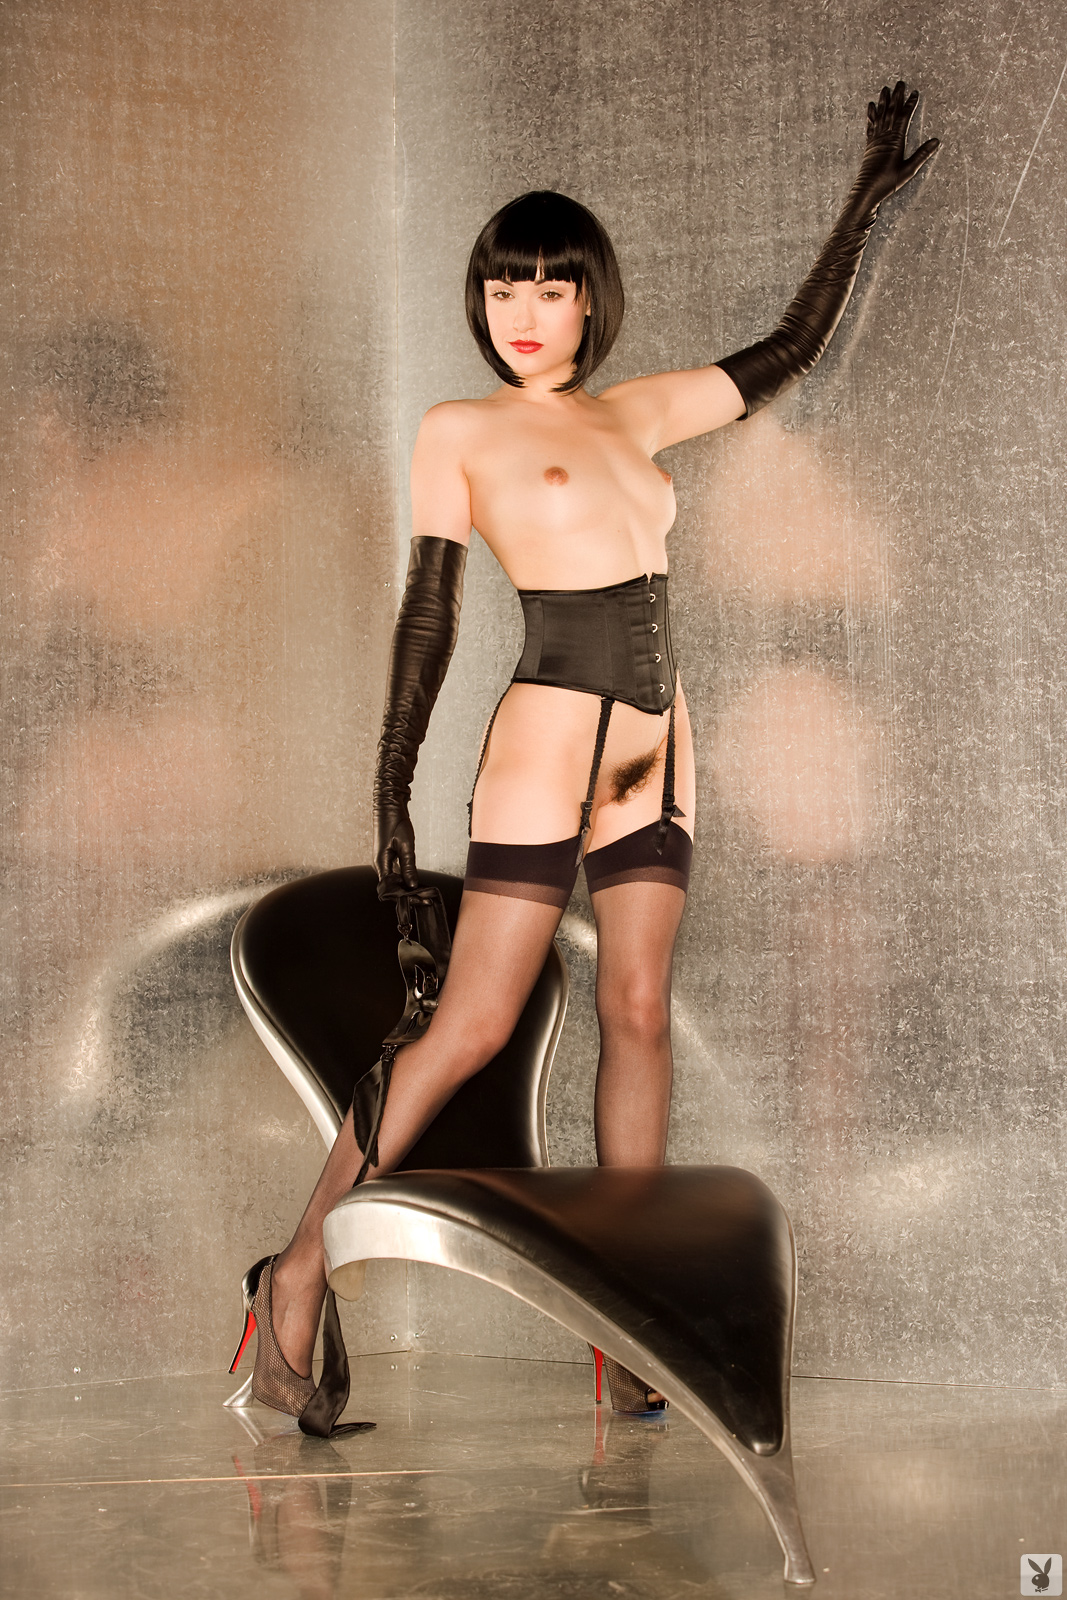 Porno de autor 2010 threesome erotic scene mfm - 3 9